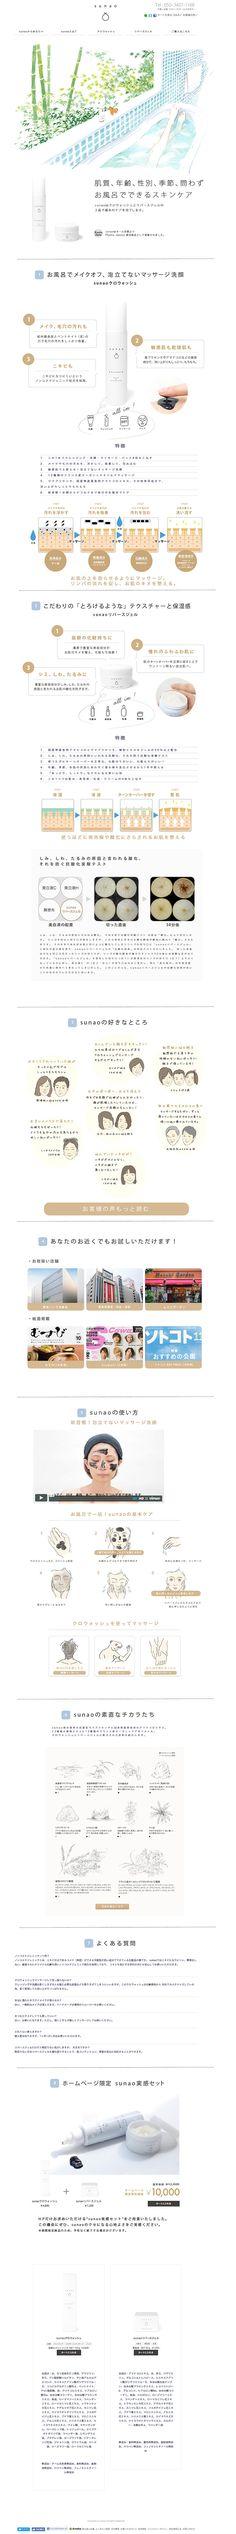 sunao (スナオ)【スキンケア・美容商品関連】のLPデザイン。WEBデザイナーさん必見!ランディングページのデザイン参考に(シンプル系)